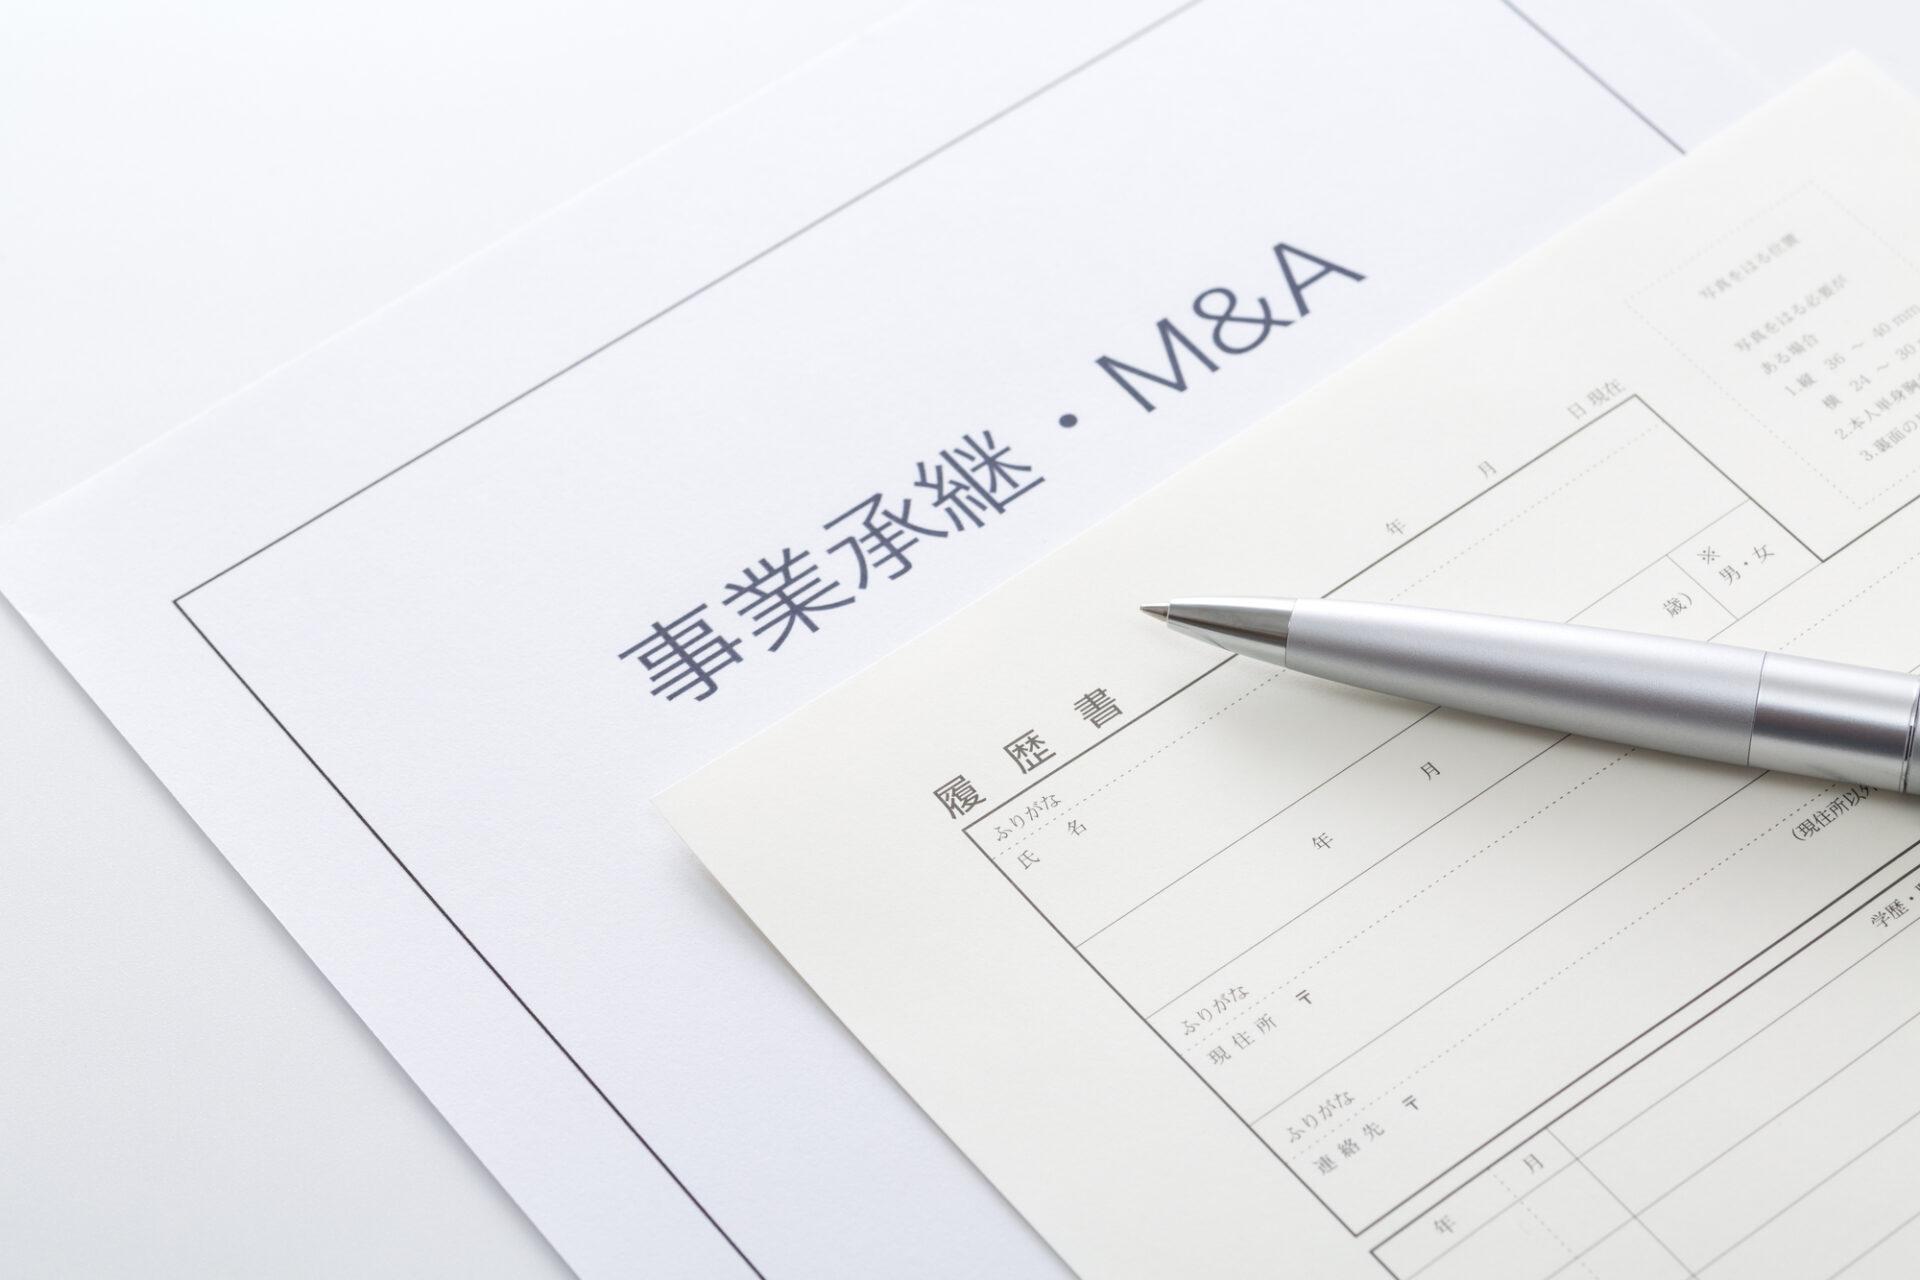 事業継承に関する税法改正について01